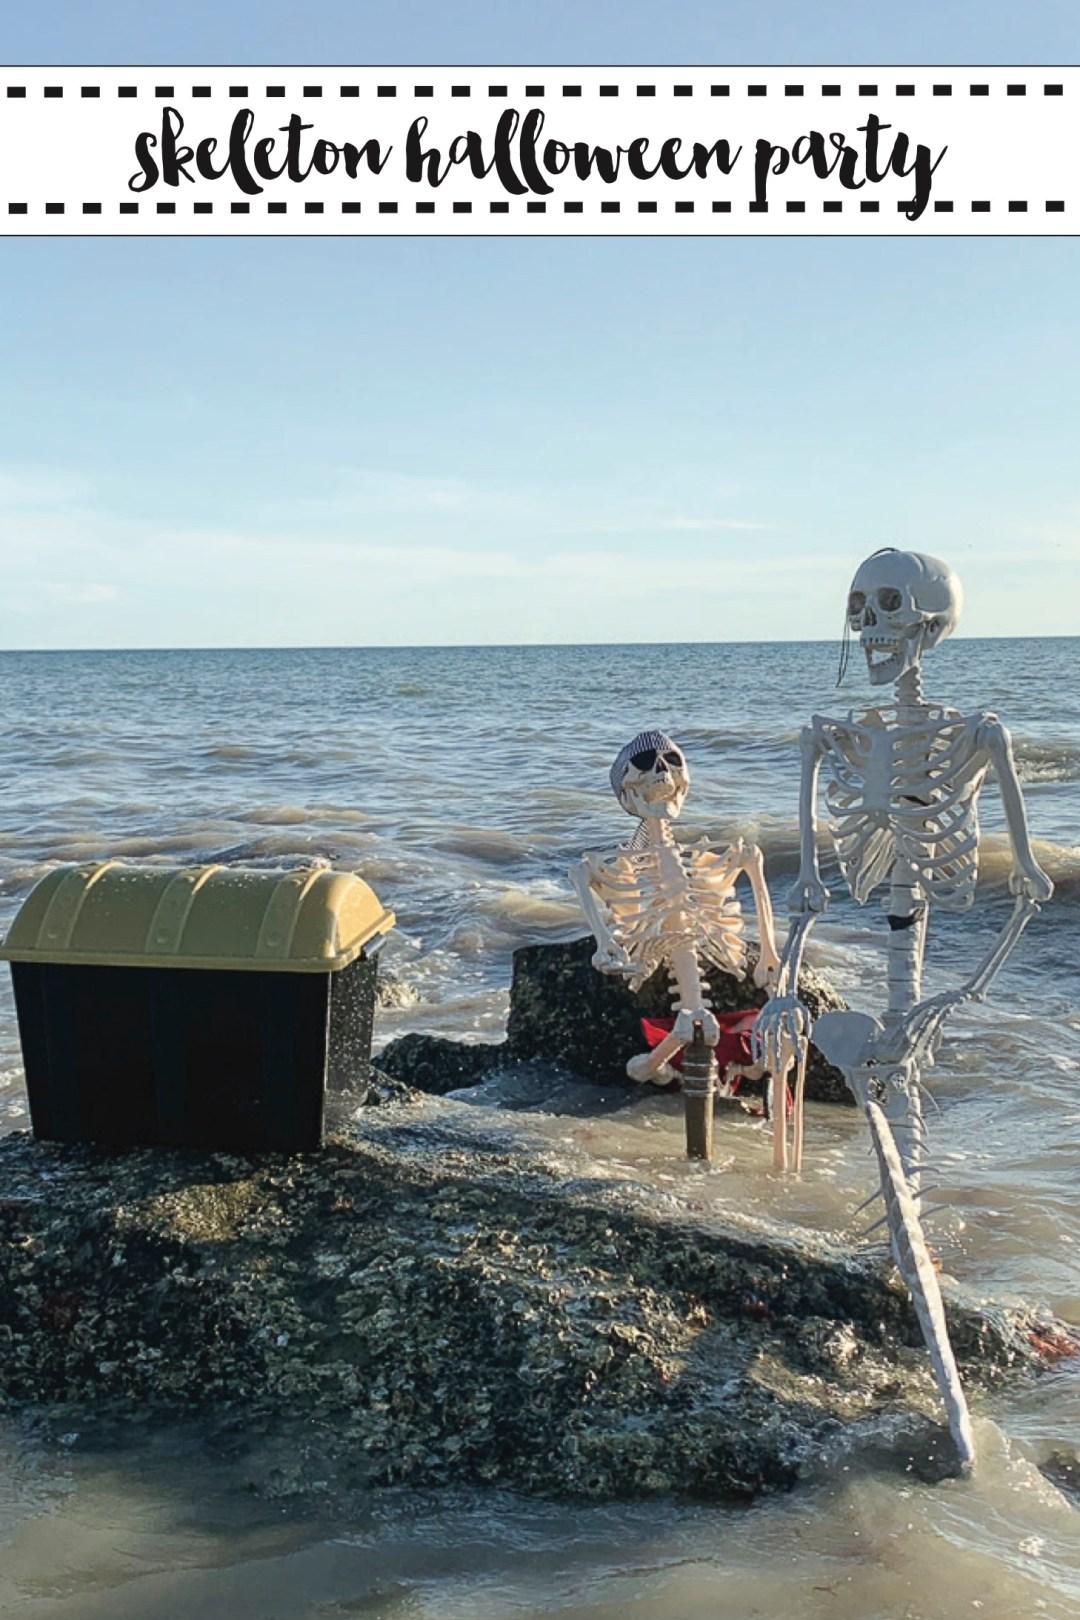 Mermaid and Pirate Skeletons